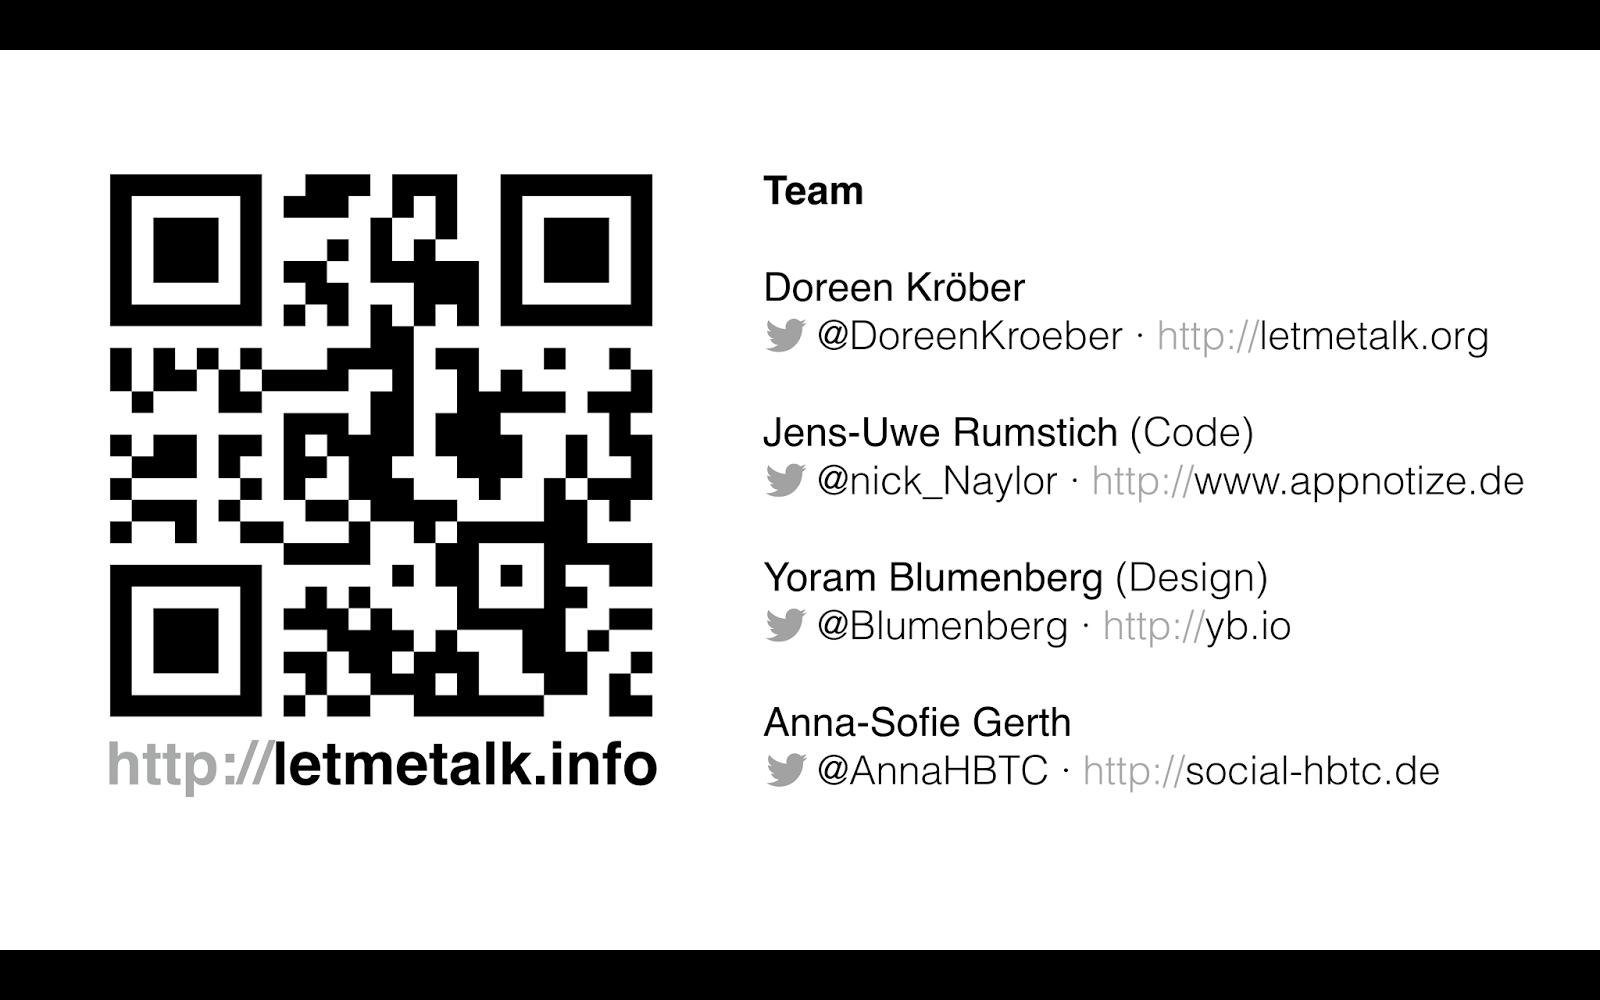 republica 2014, LetMeTalk App